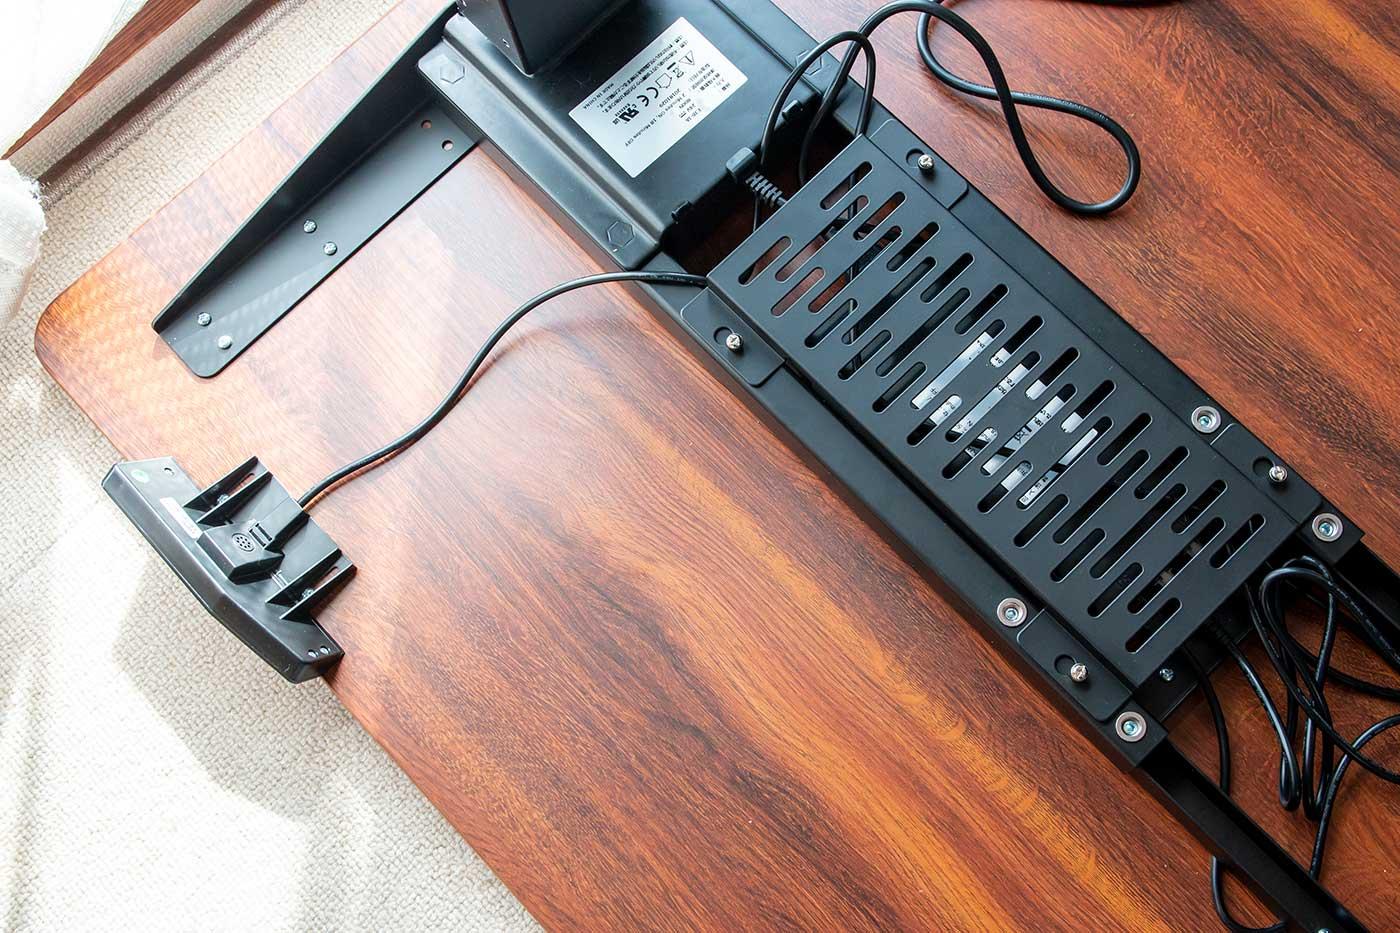 自動昇降スタンディングデスクの電源ユニット部分